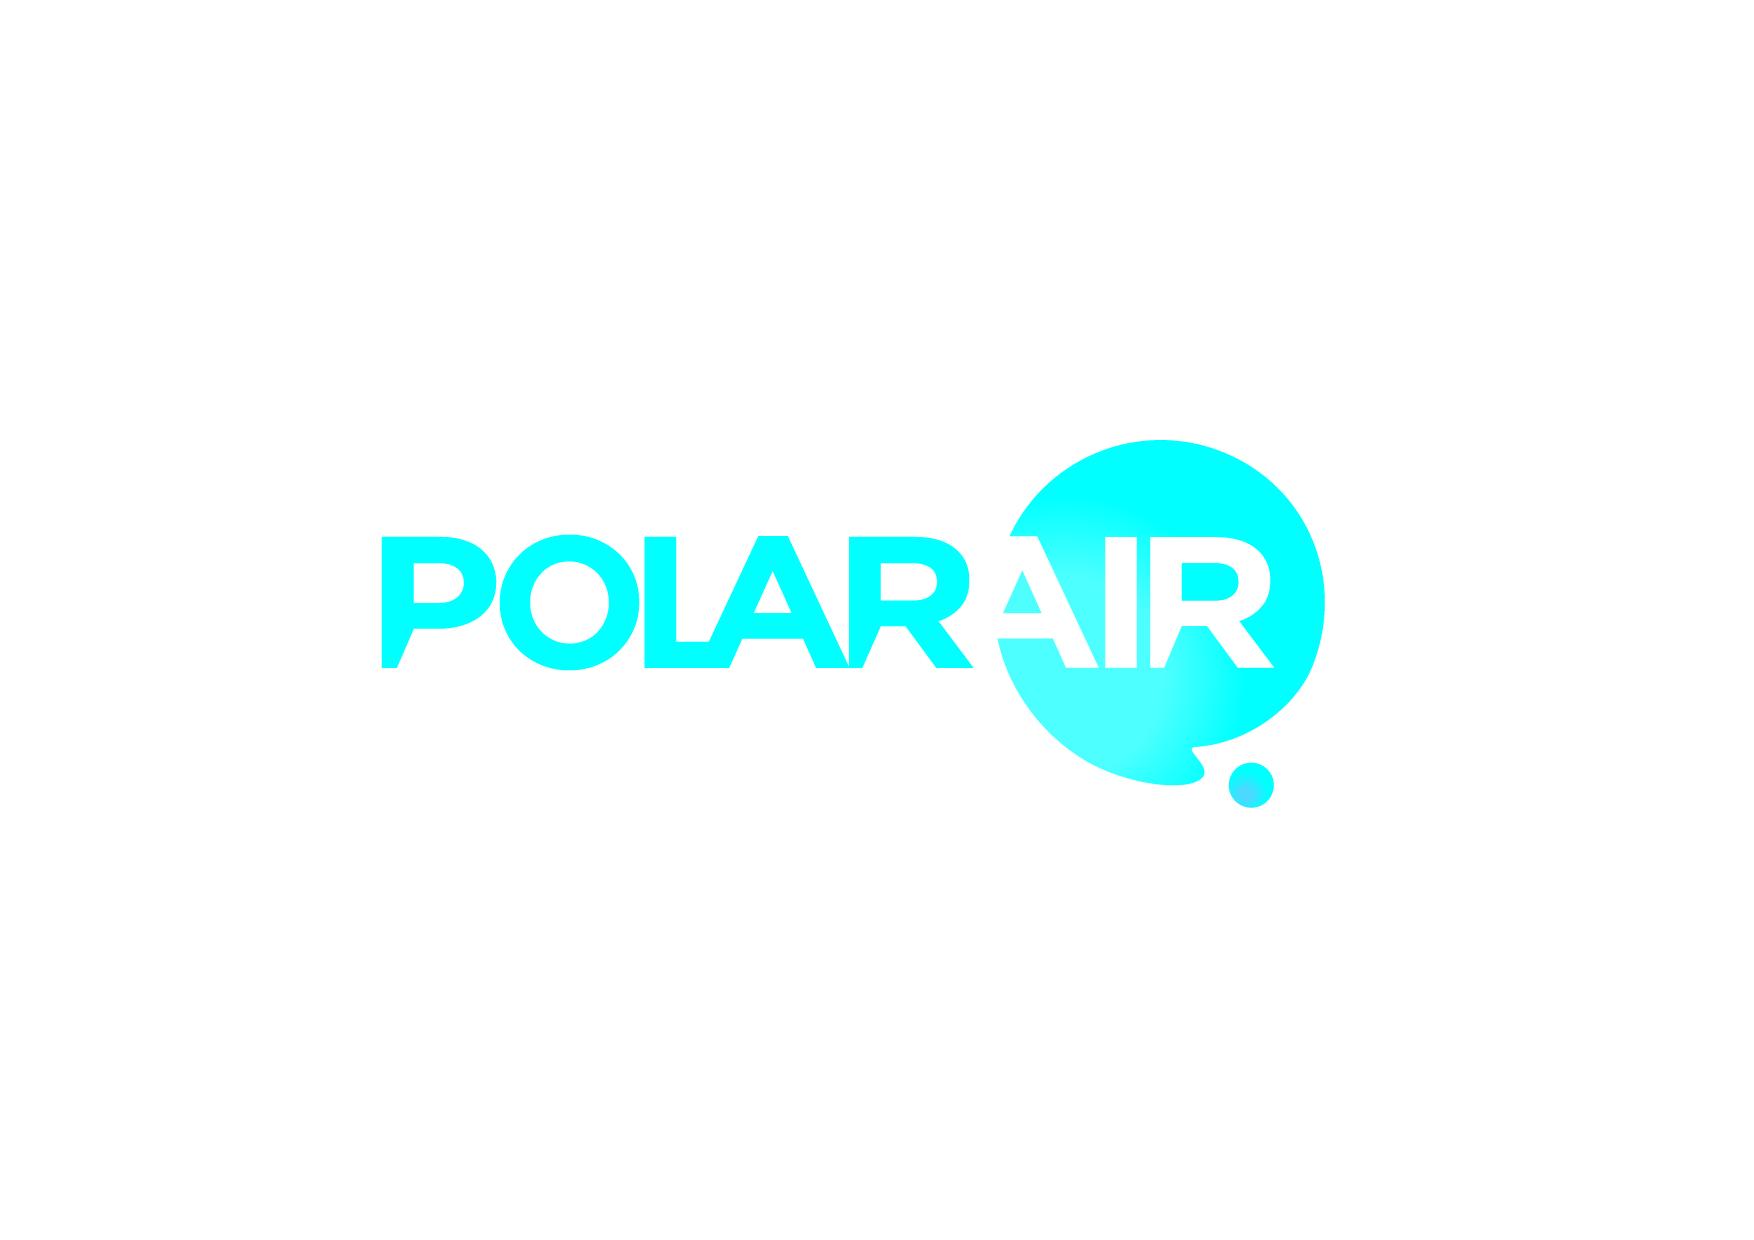 POLAR_AIR_EDITABLE-01.jpg